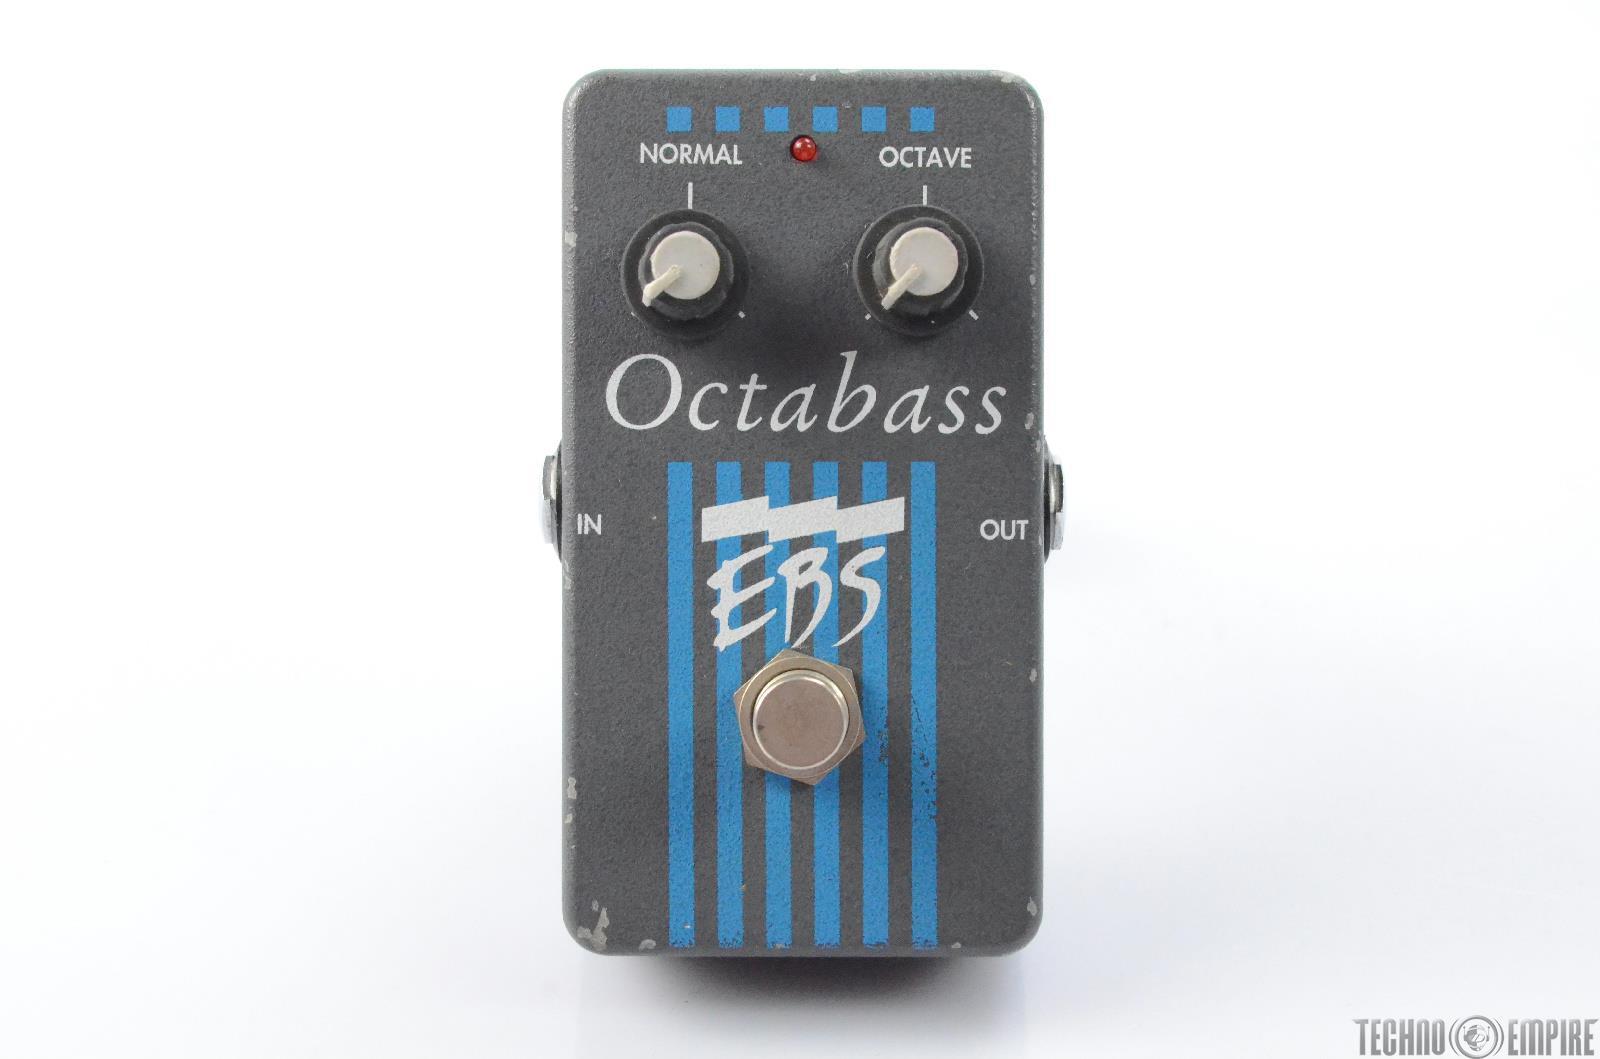 EBS Octabass Octave Pitch Guitar Bass Effect Pedal Fairfax Recordings #27876